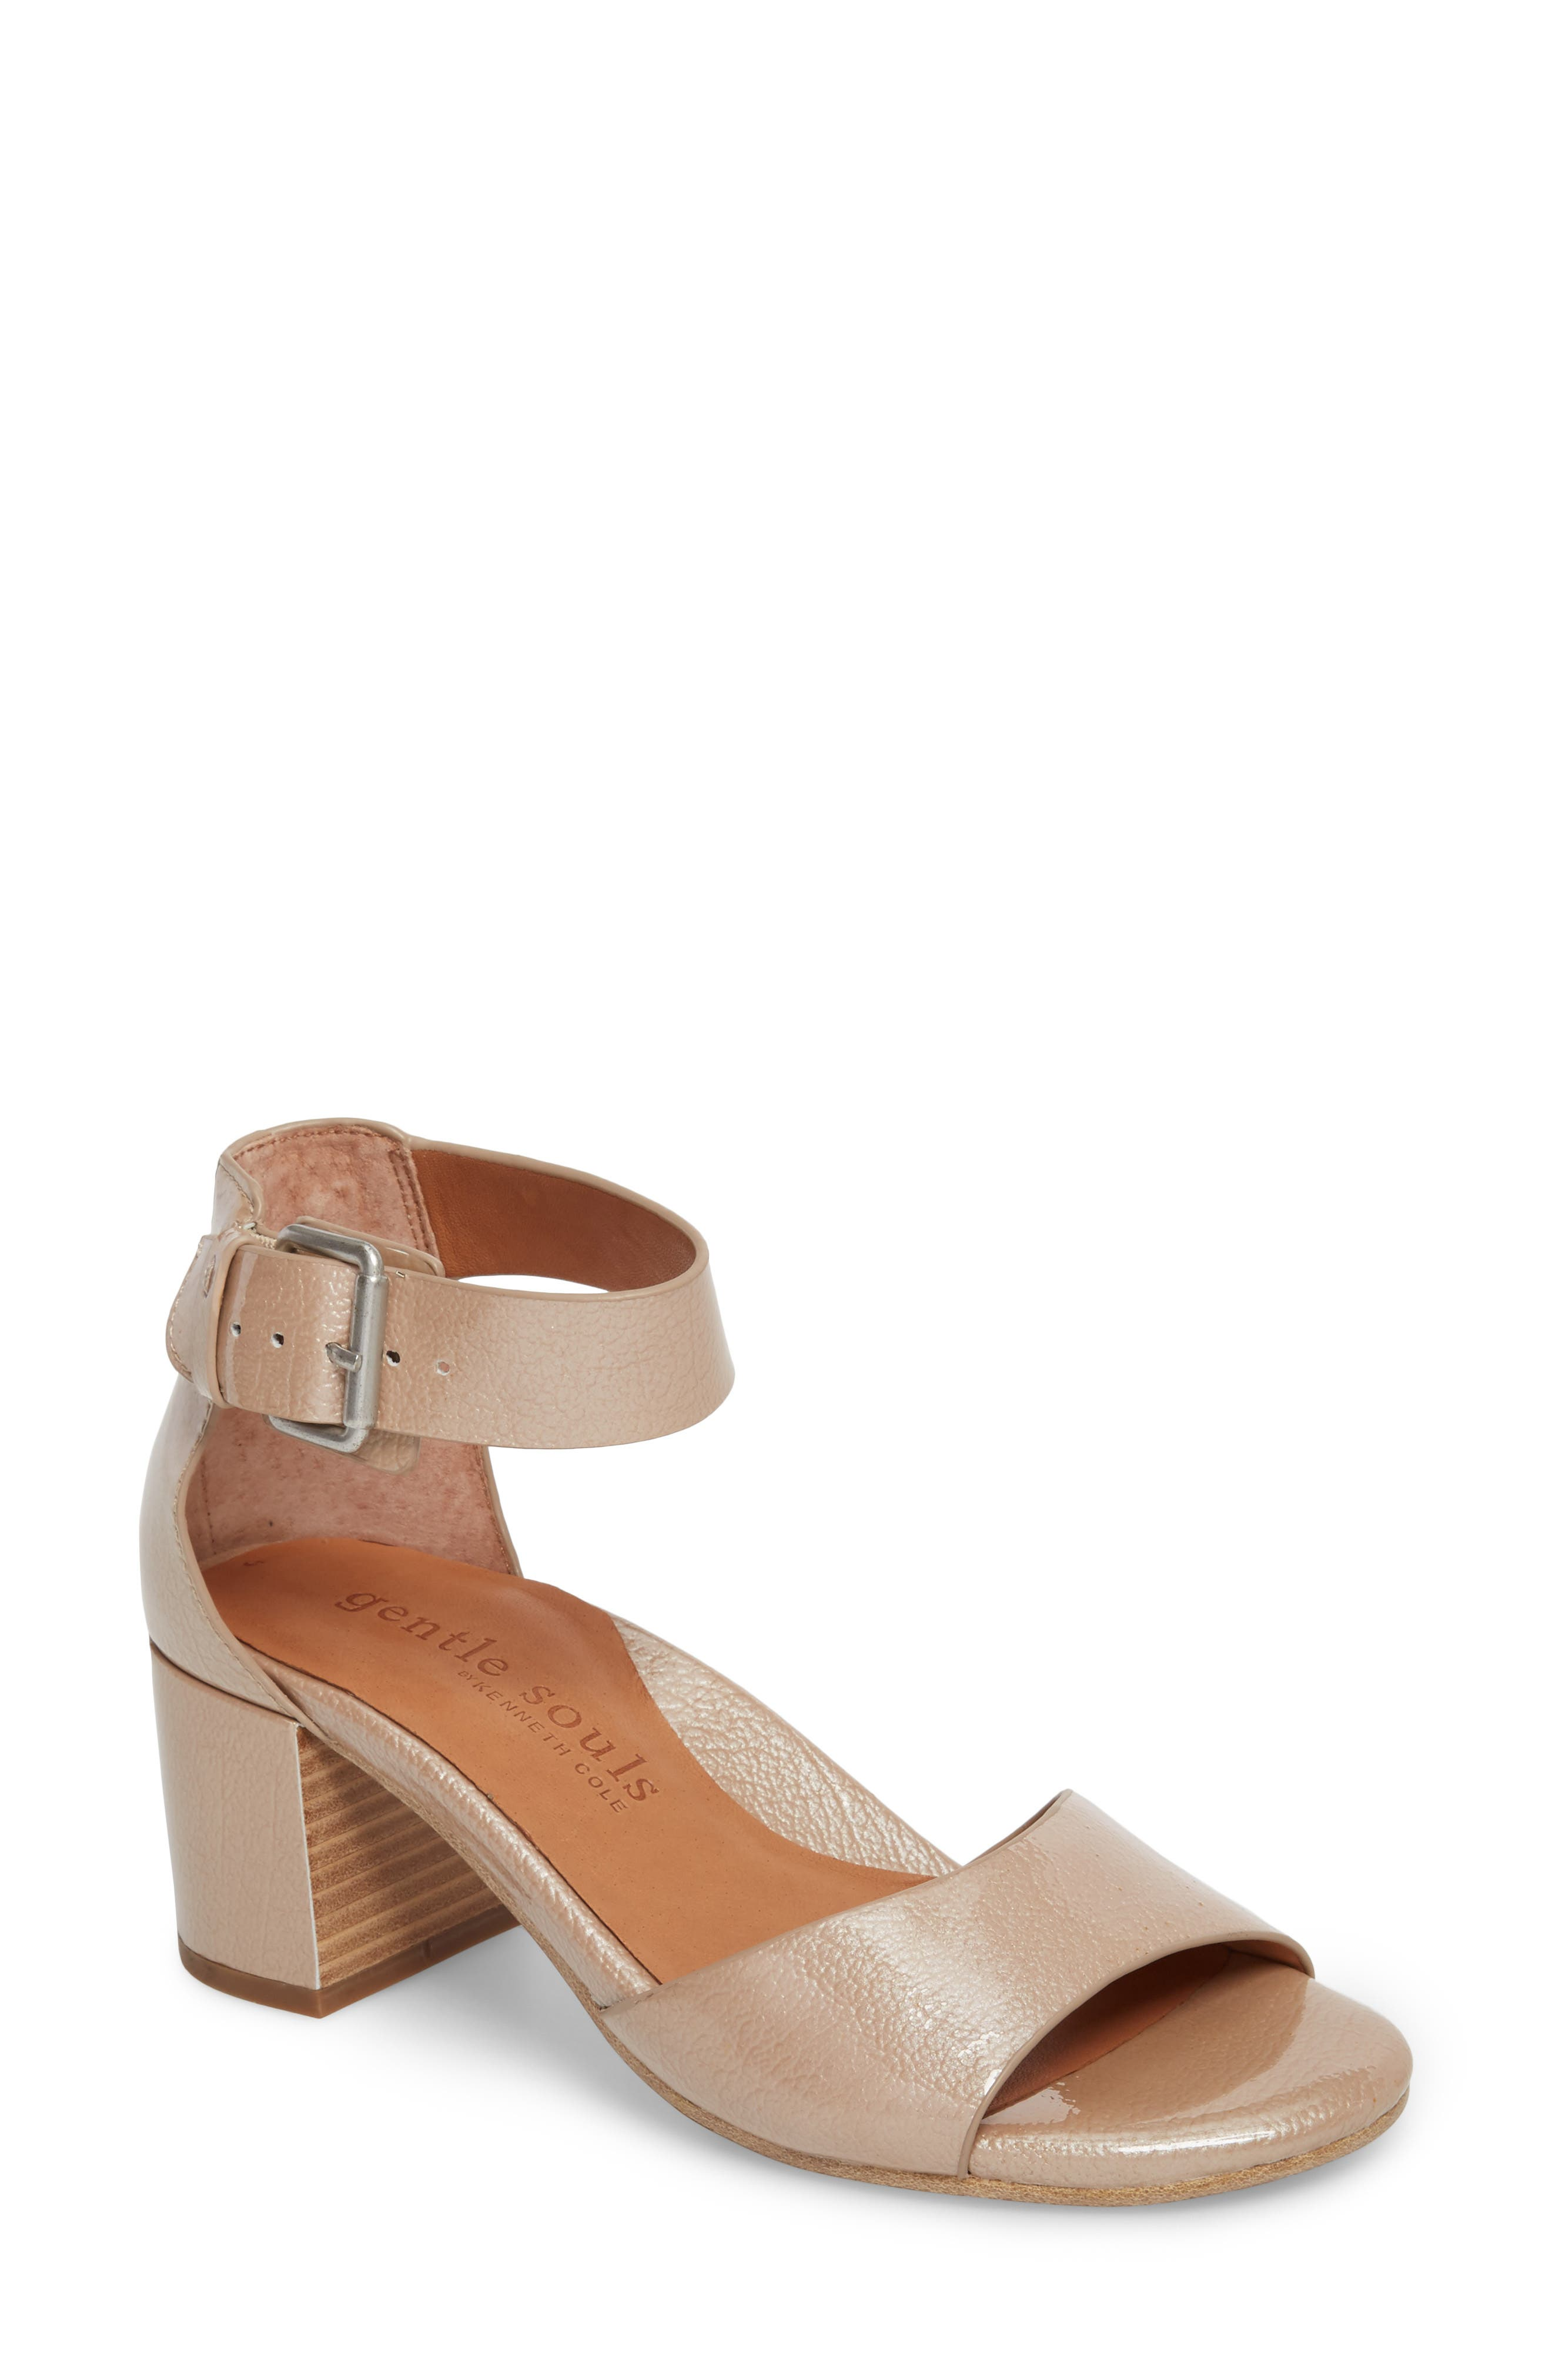 Christa Block Heel Sandal,                         Main,                         color, NUDE PATENT LEATHER